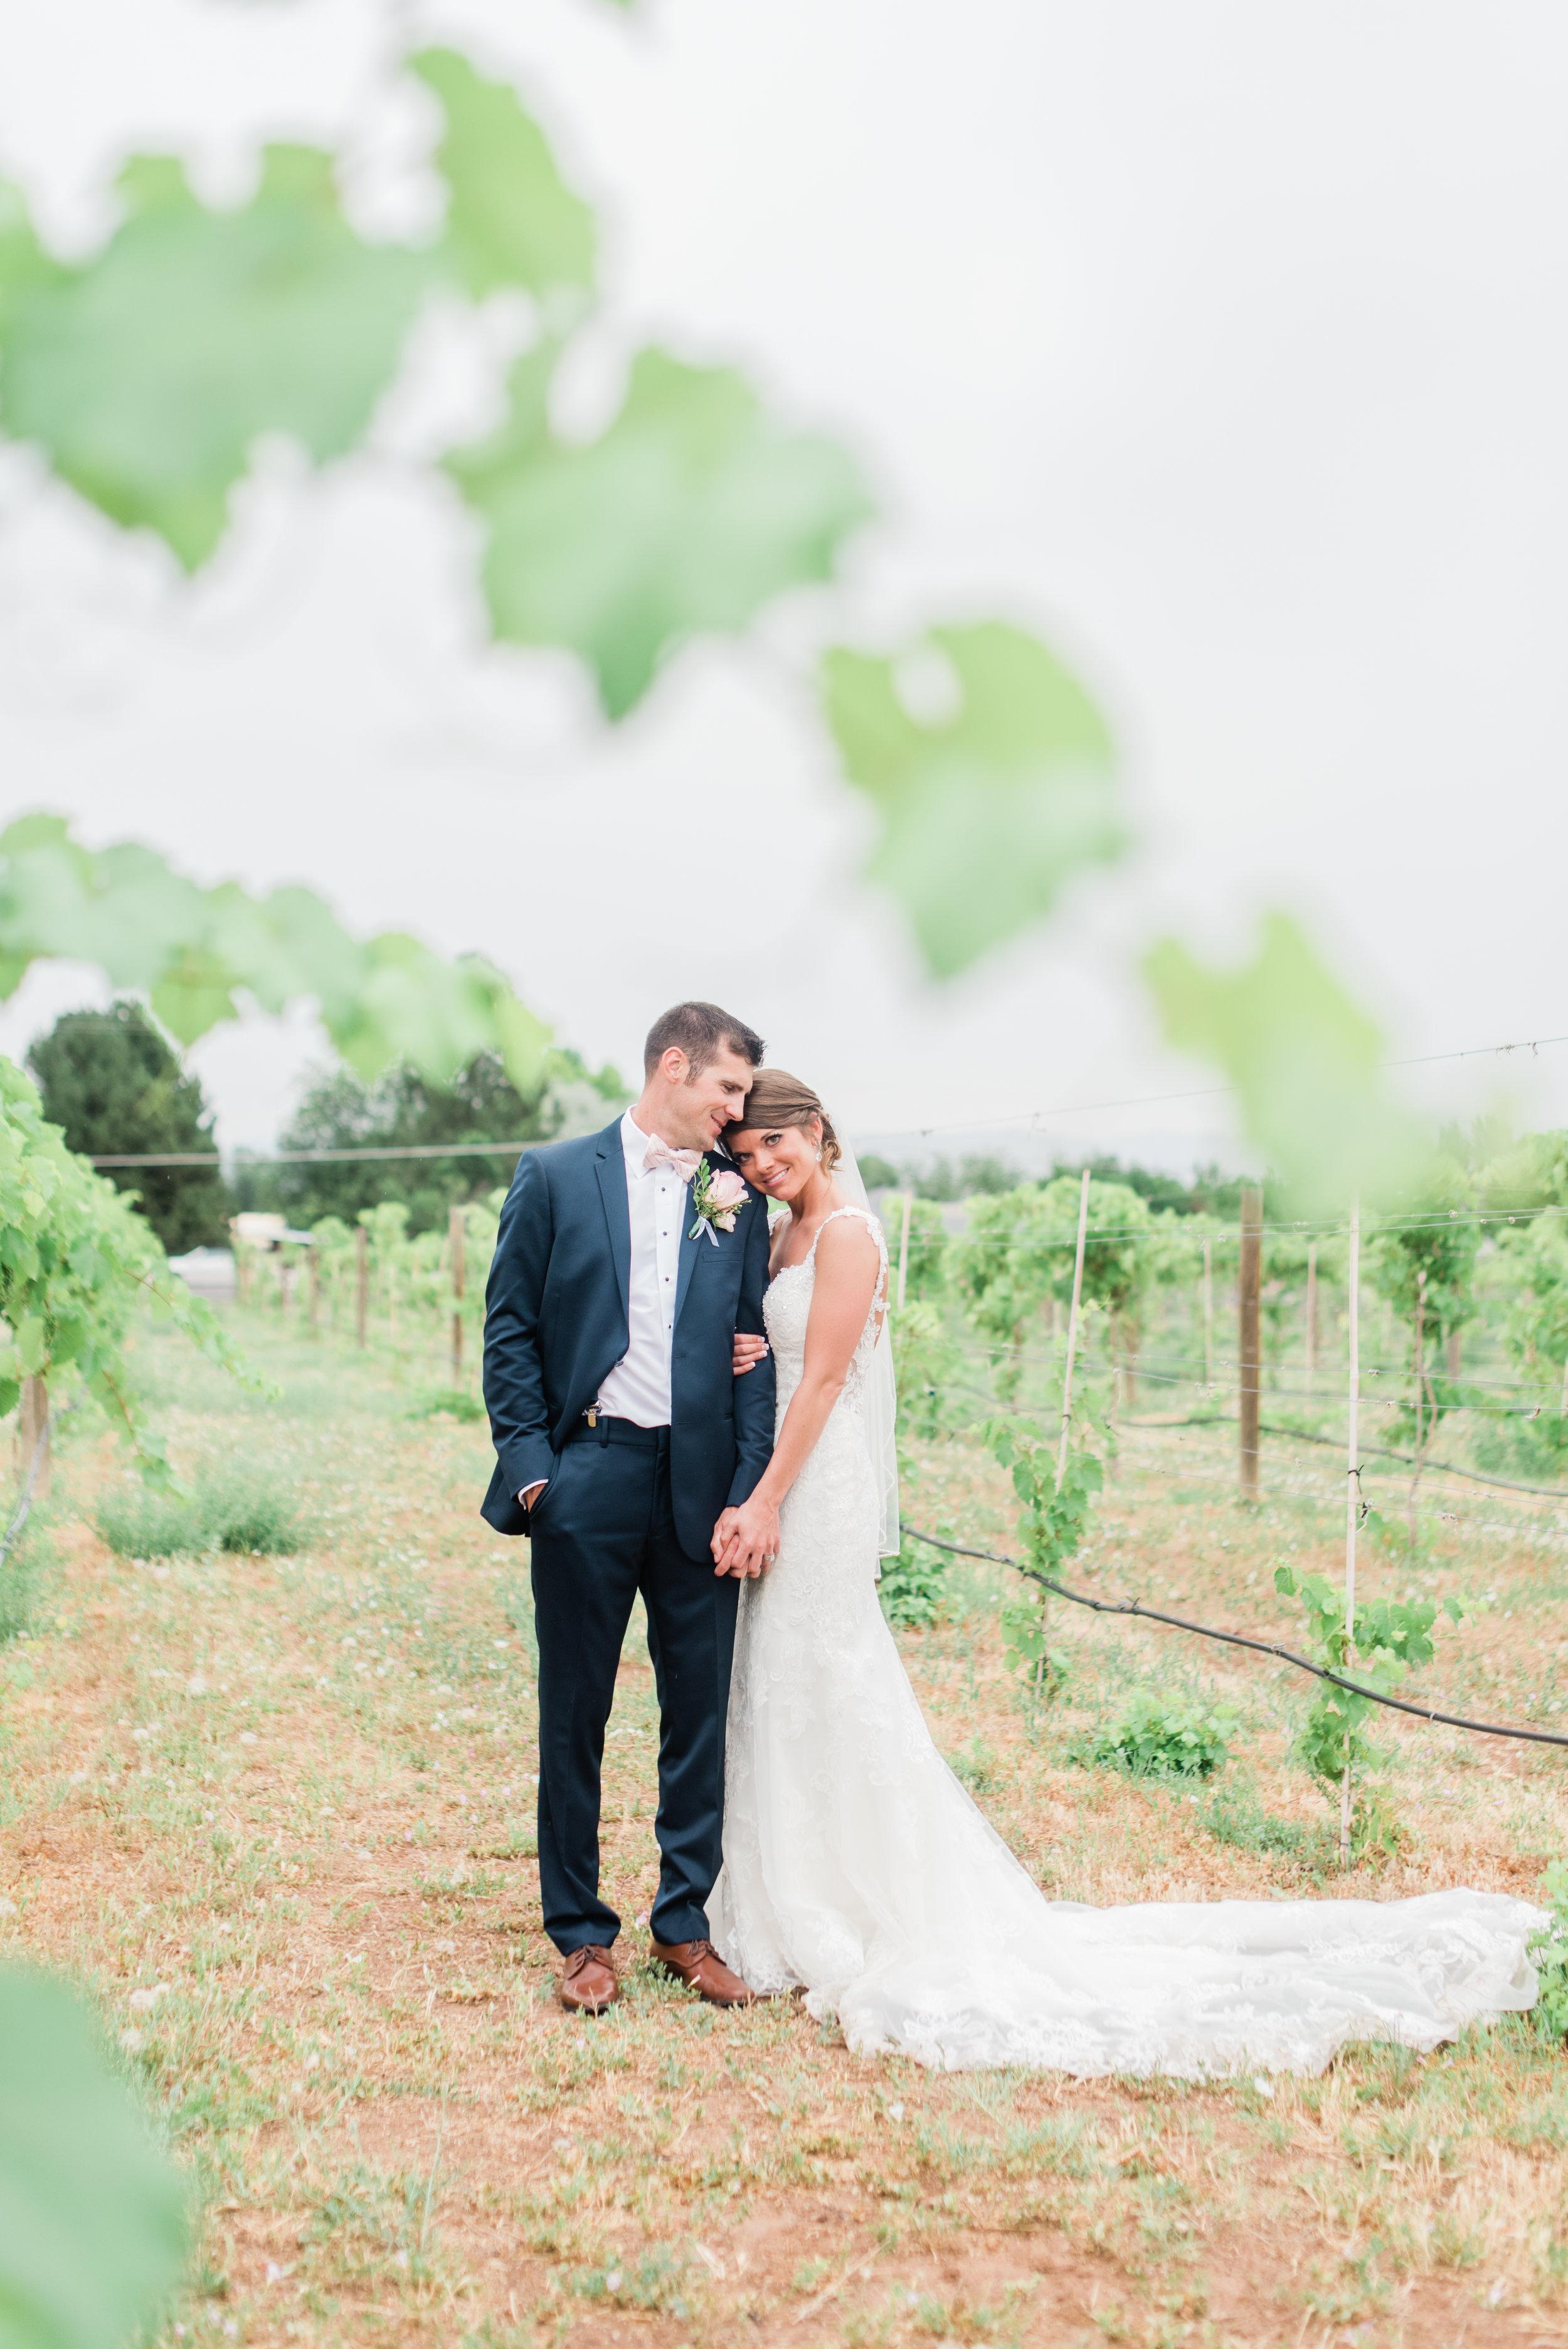 Colorado Vineyard Wedding - Chelsea & Kevin